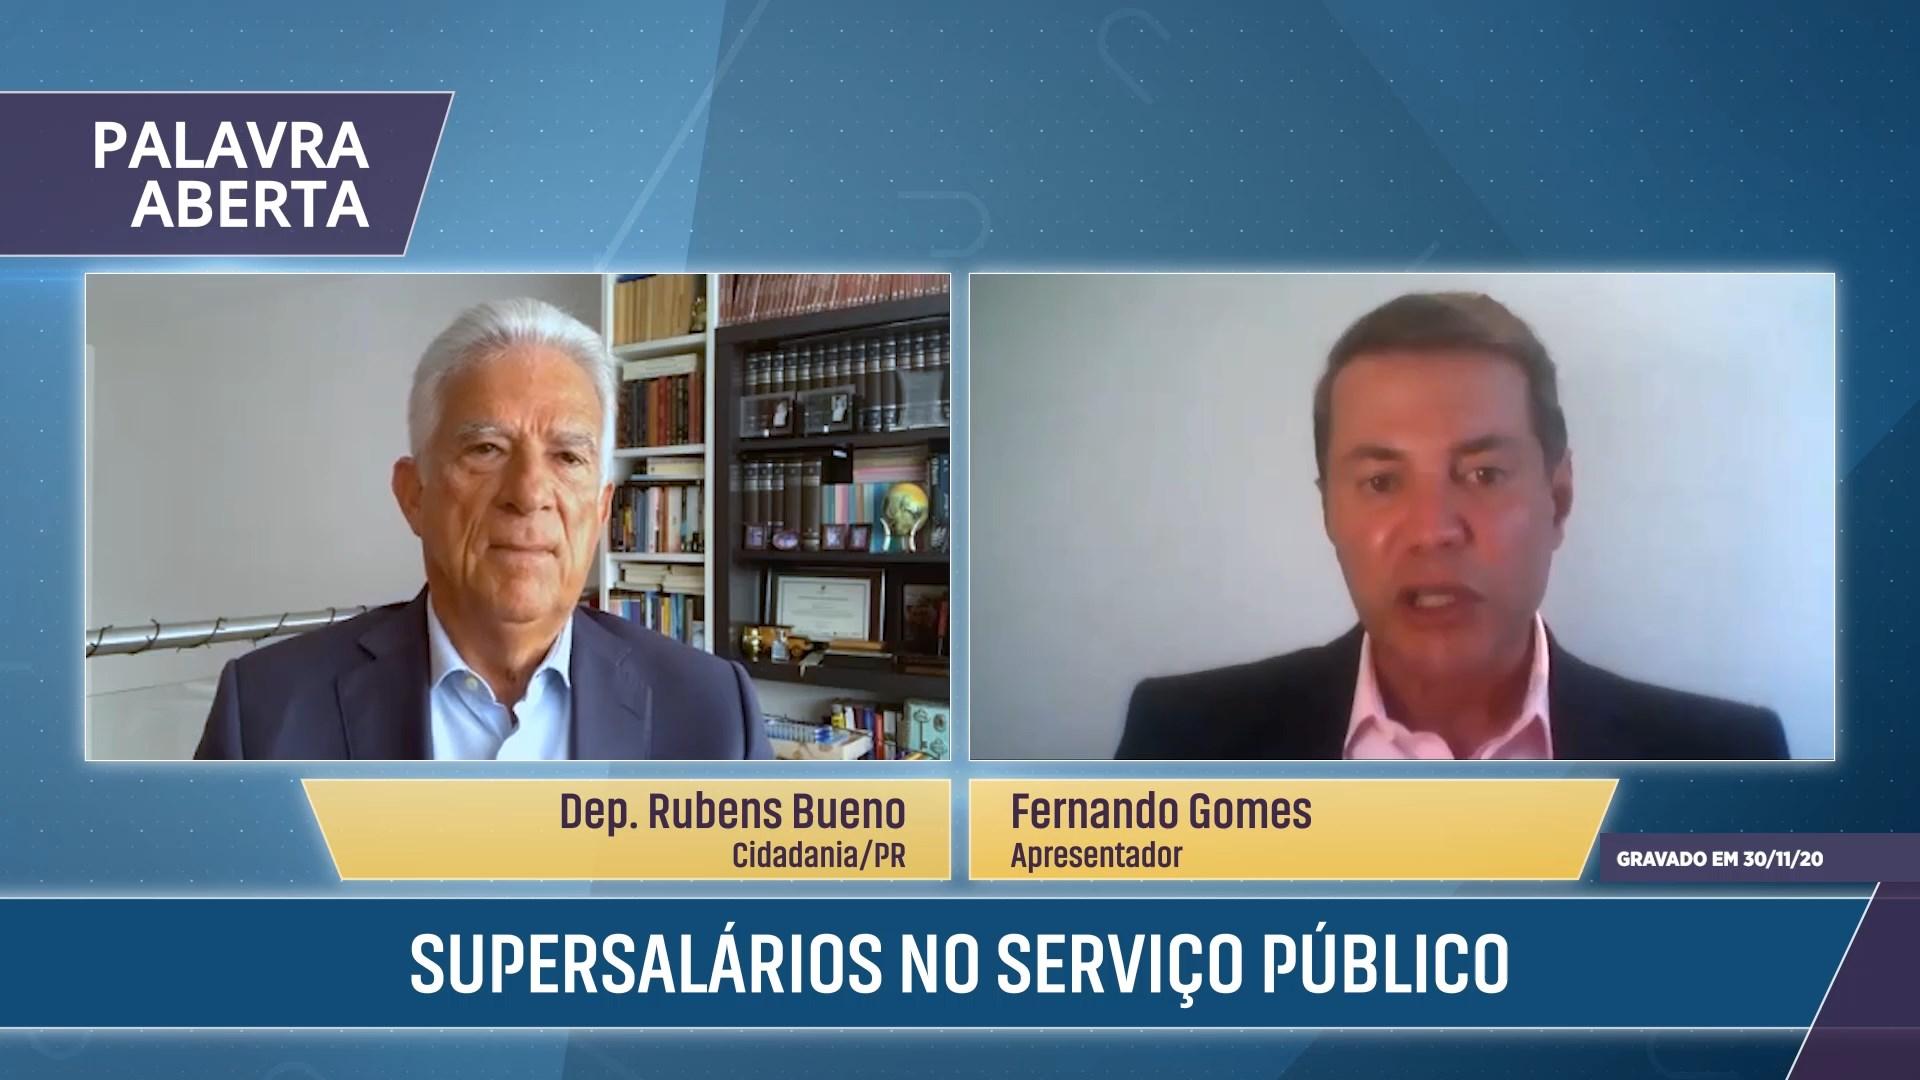 Supersalários no serviço público